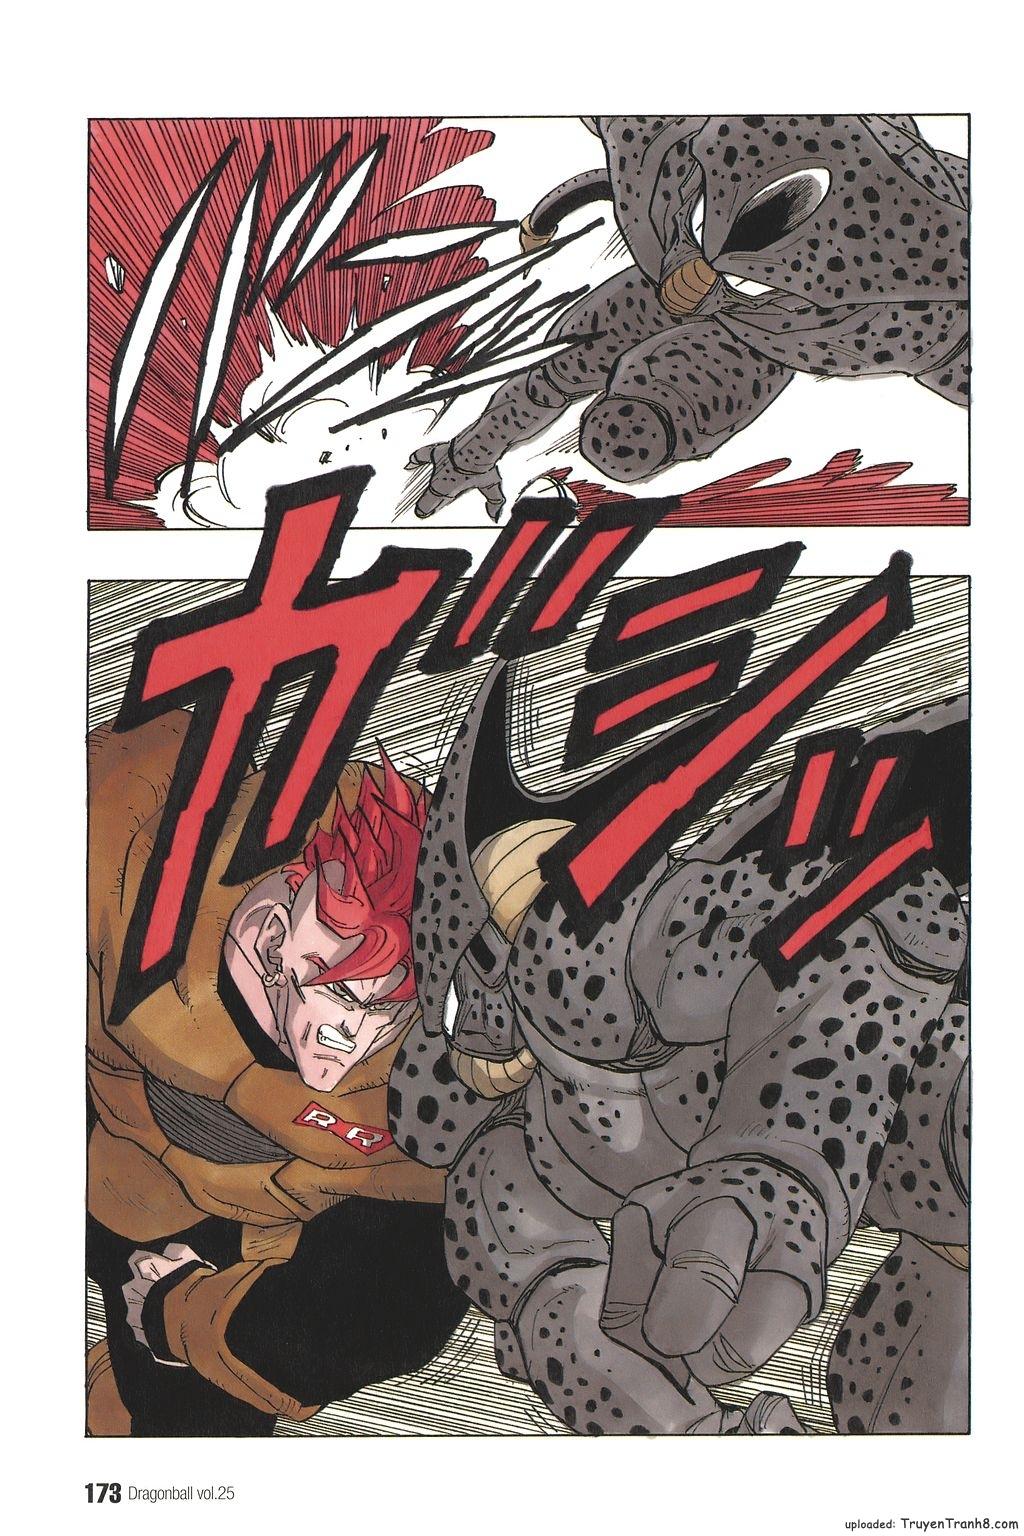 xem truyen moi - Dragon Ball Bản Vip - Bản Đẹp Nguyên Gốc Chap 371